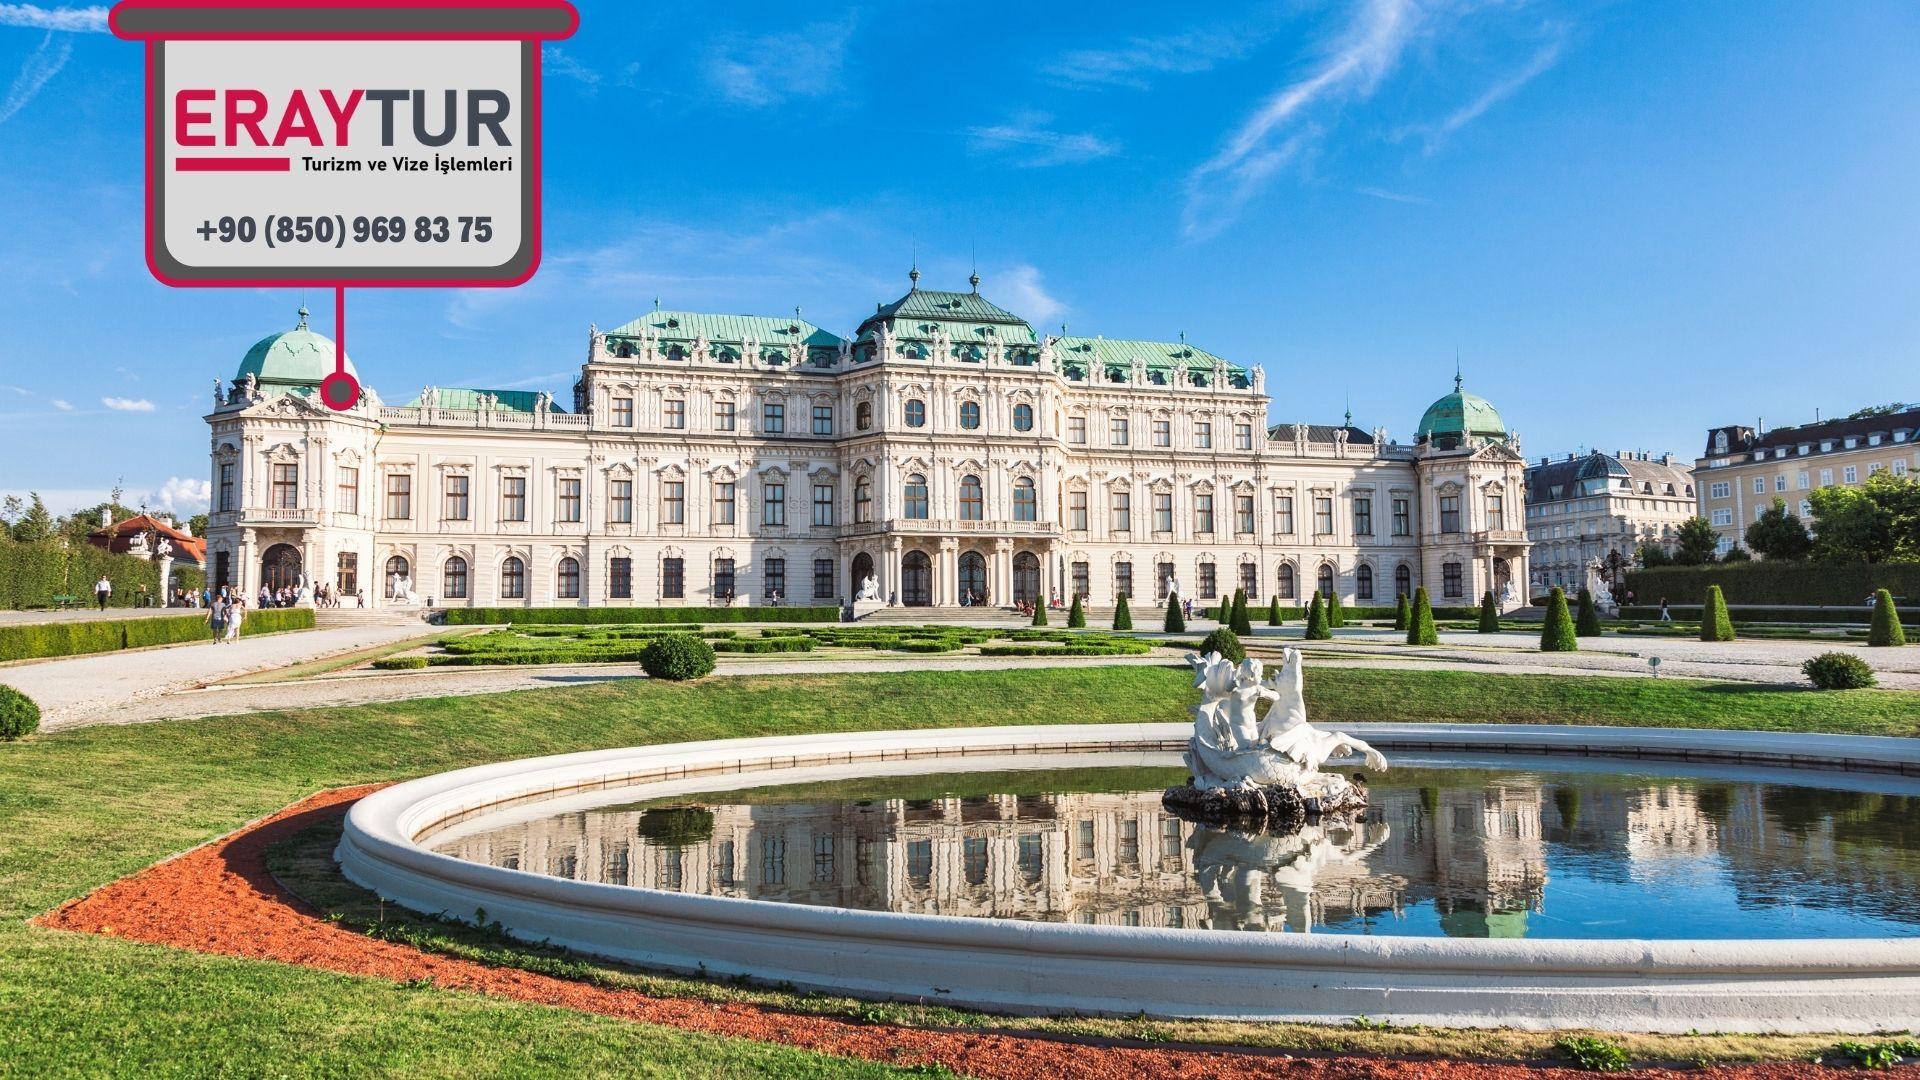 Avusturya Aile Ziyareti Davetiye Örneği